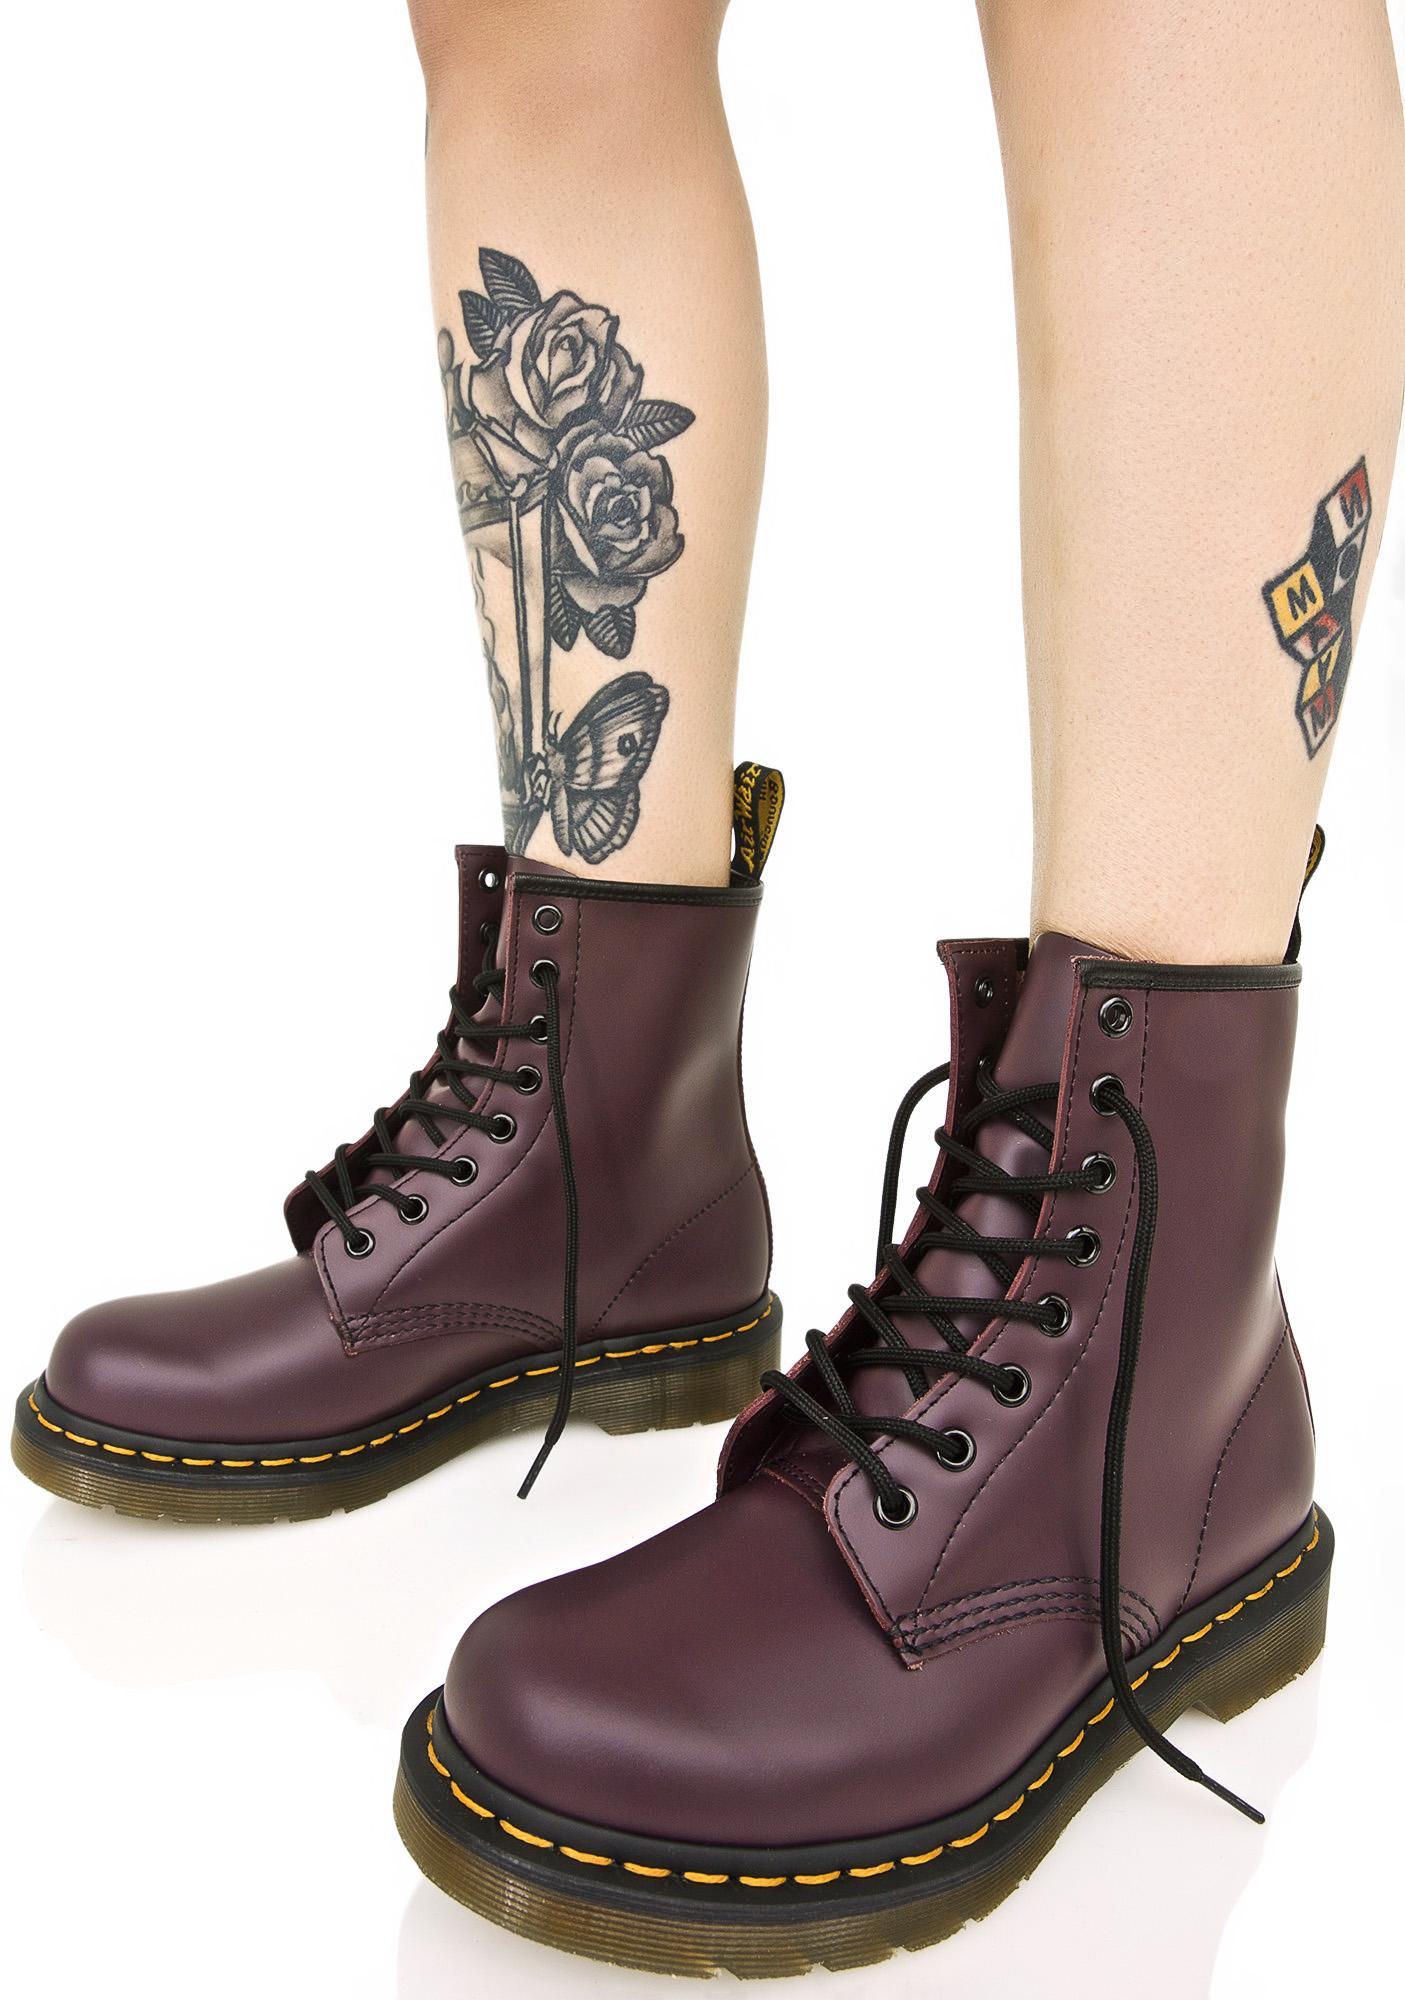 dr martens royal purple 1460 8 eye boots dolls kill. Black Bedroom Furniture Sets. Home Design Ideas